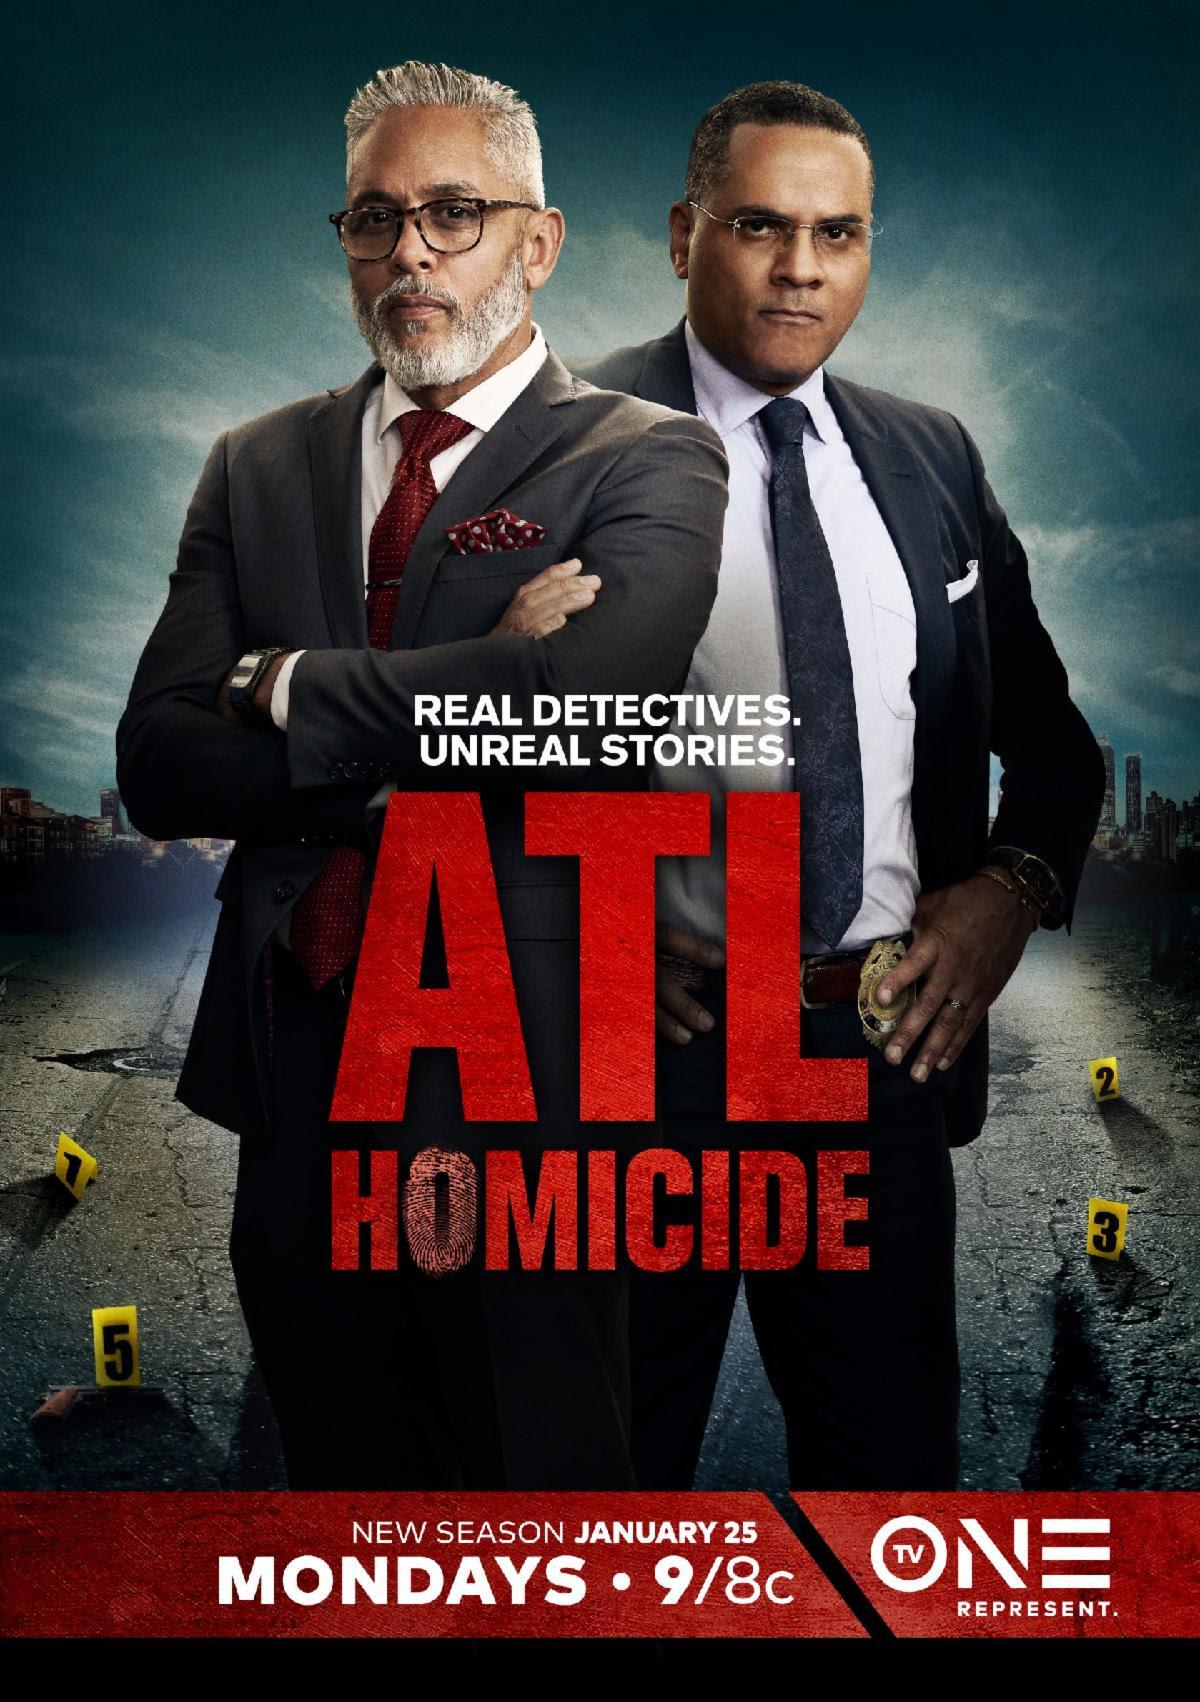 ATL Homicide